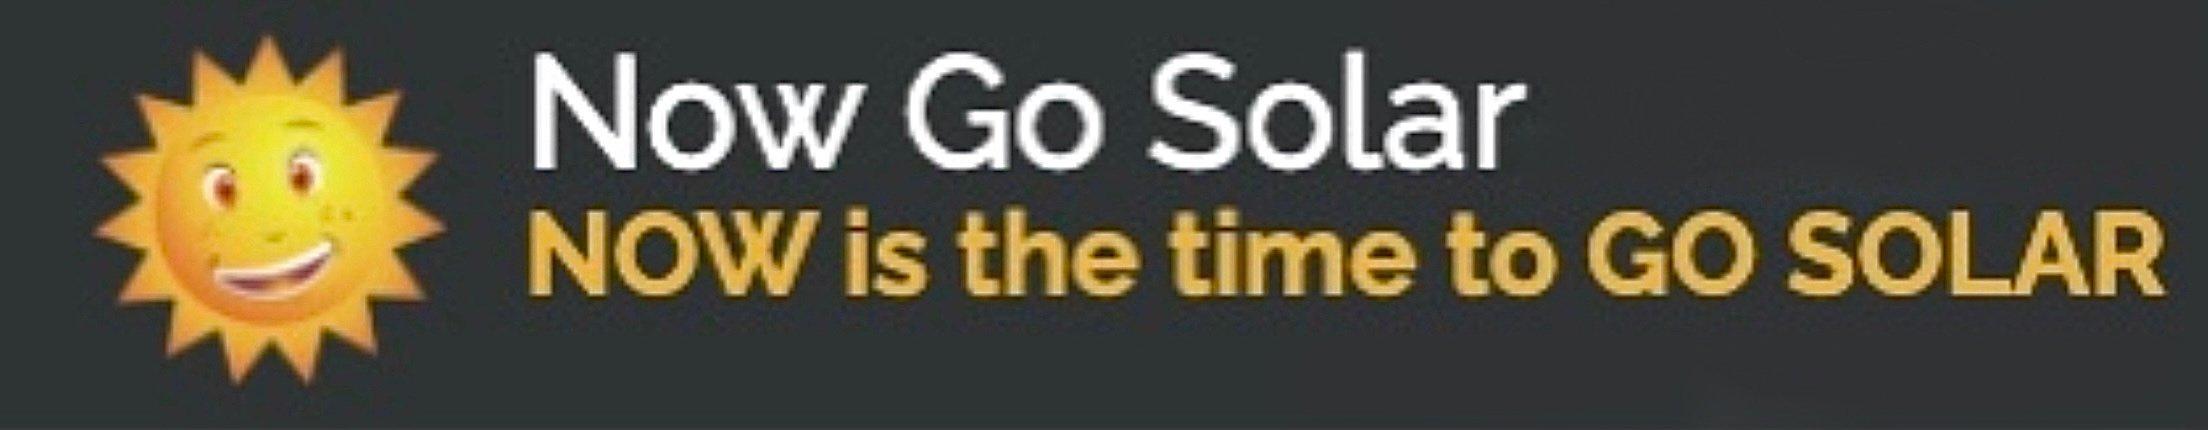 Now Go Solar